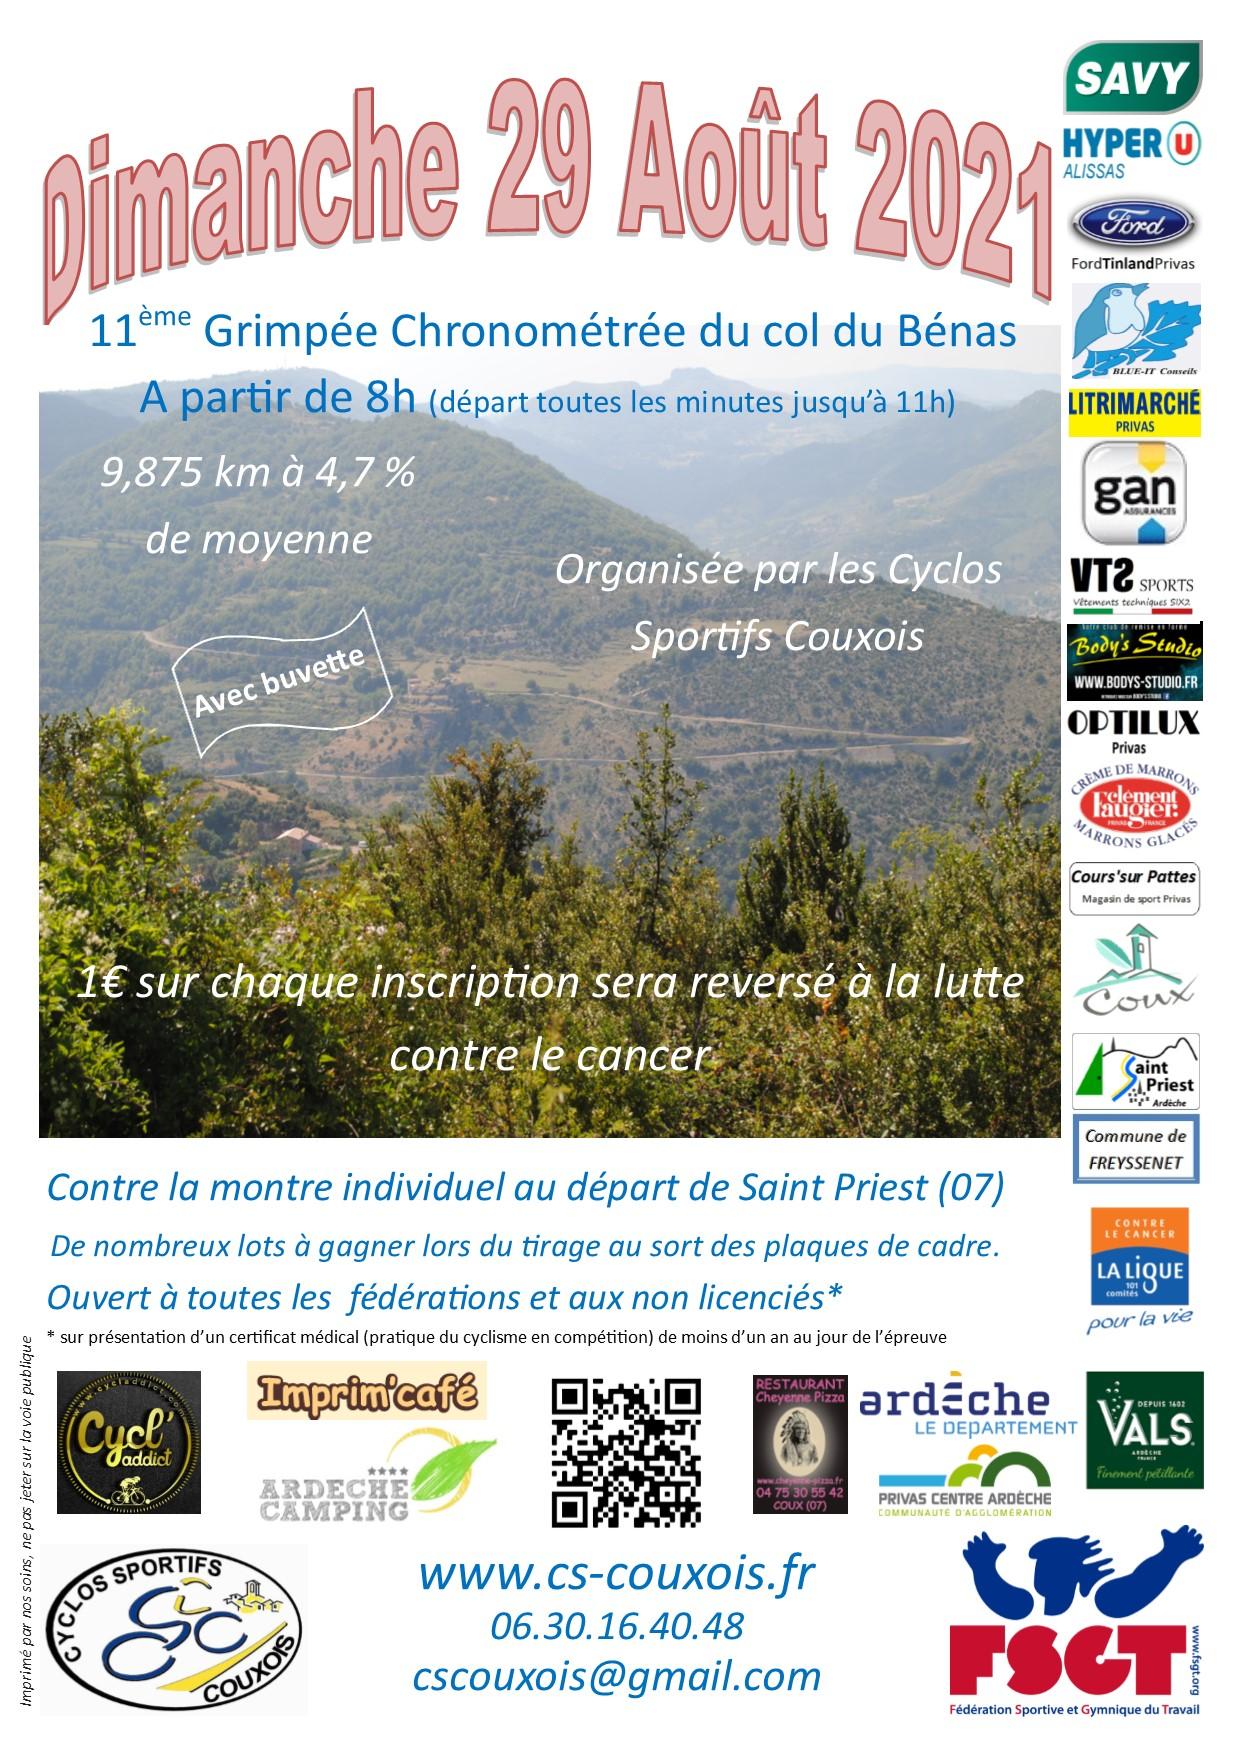 11° Grimpée chronométrée du Col du Bénas